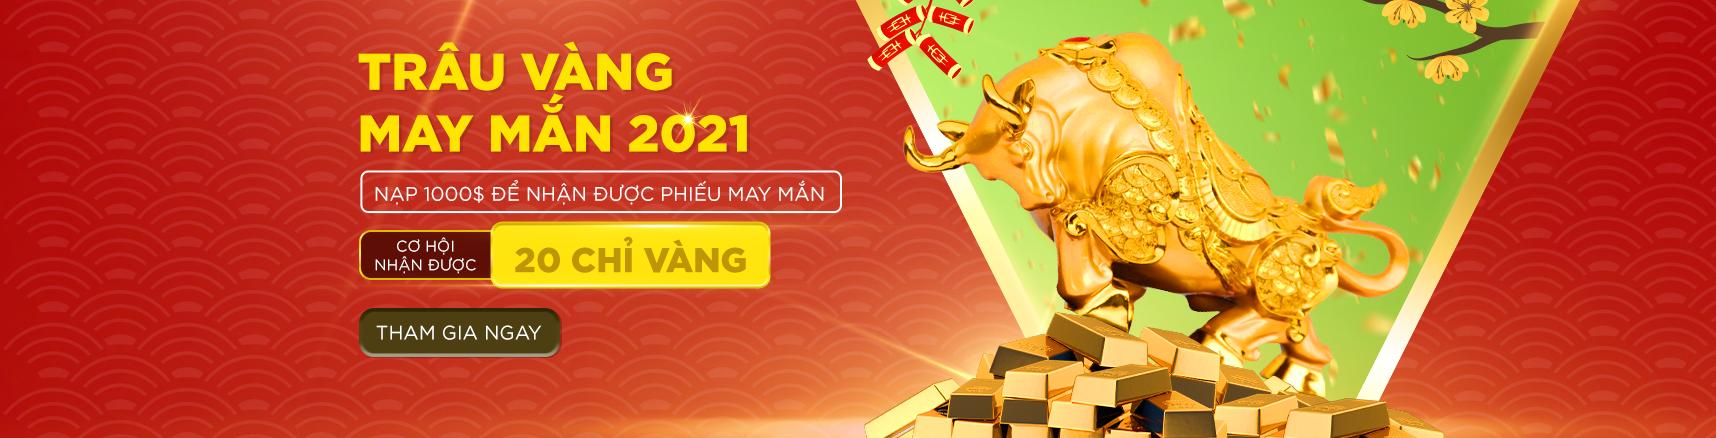 chương trình khuyến mãi Trâu Vàng May Mắn 2021